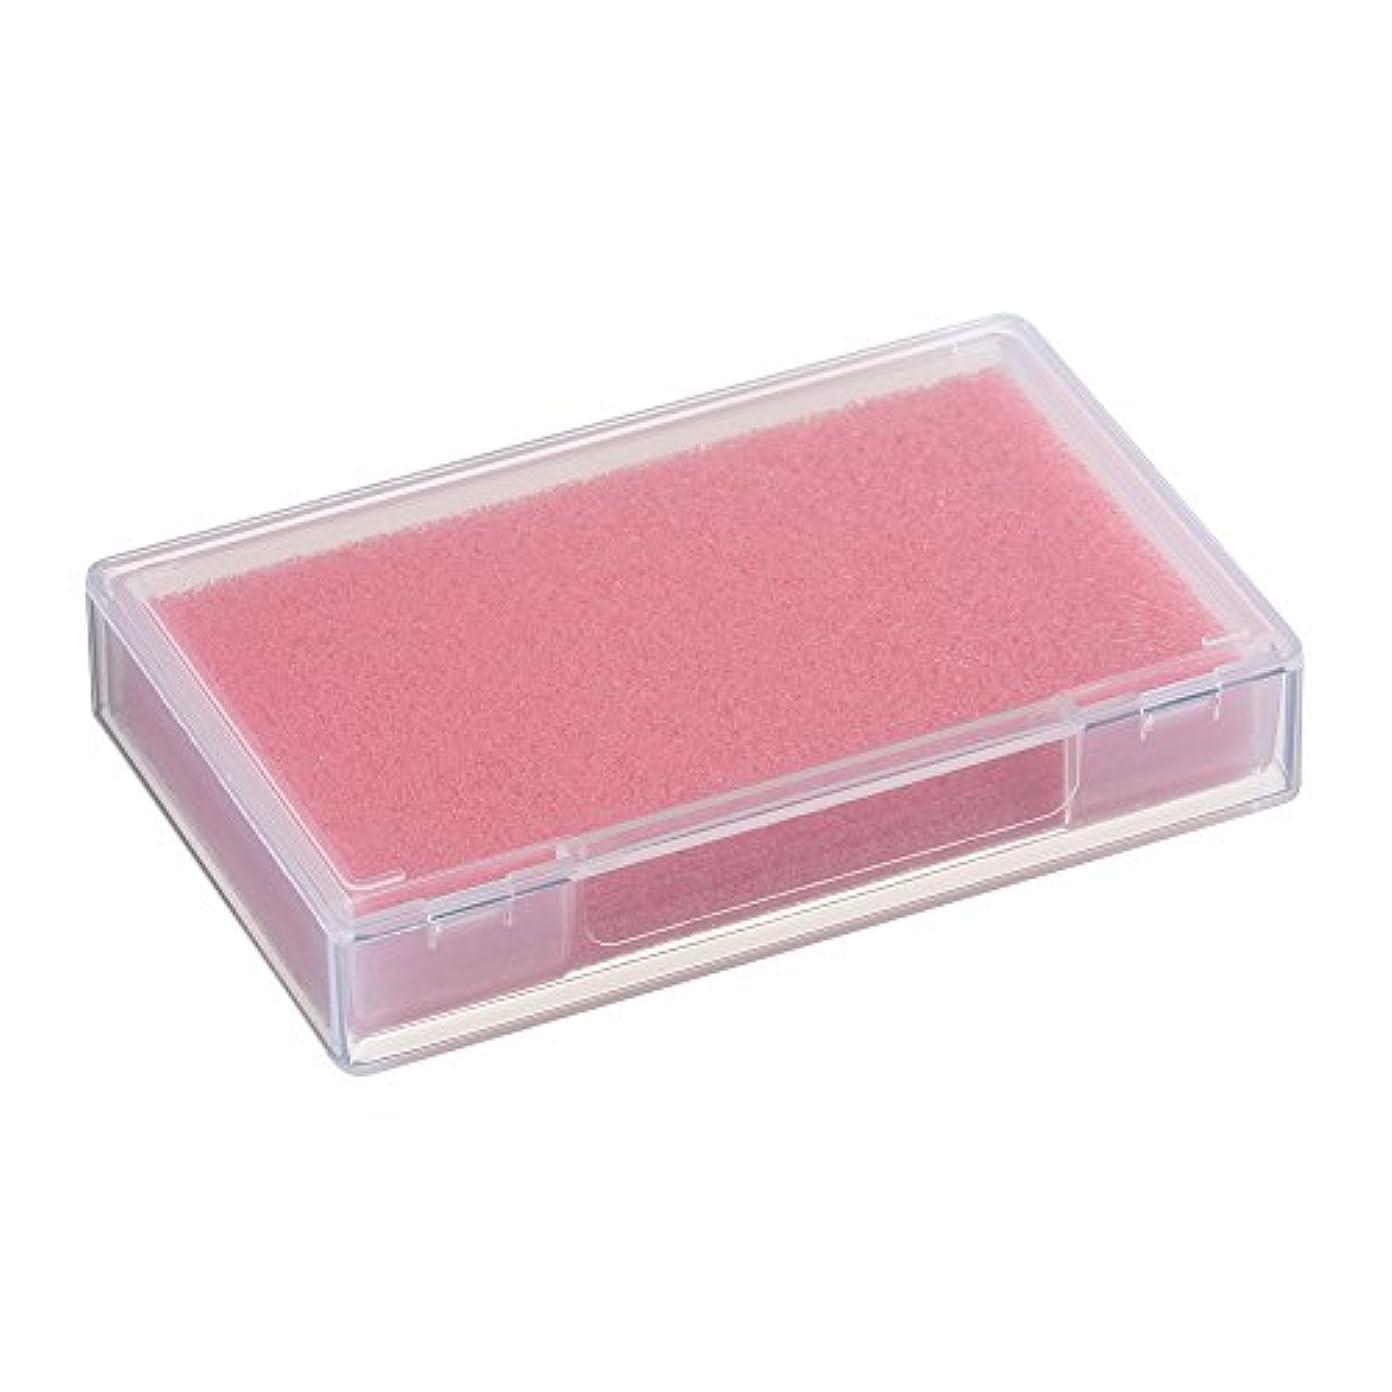 同化舌れるネイルチップケース ピンク